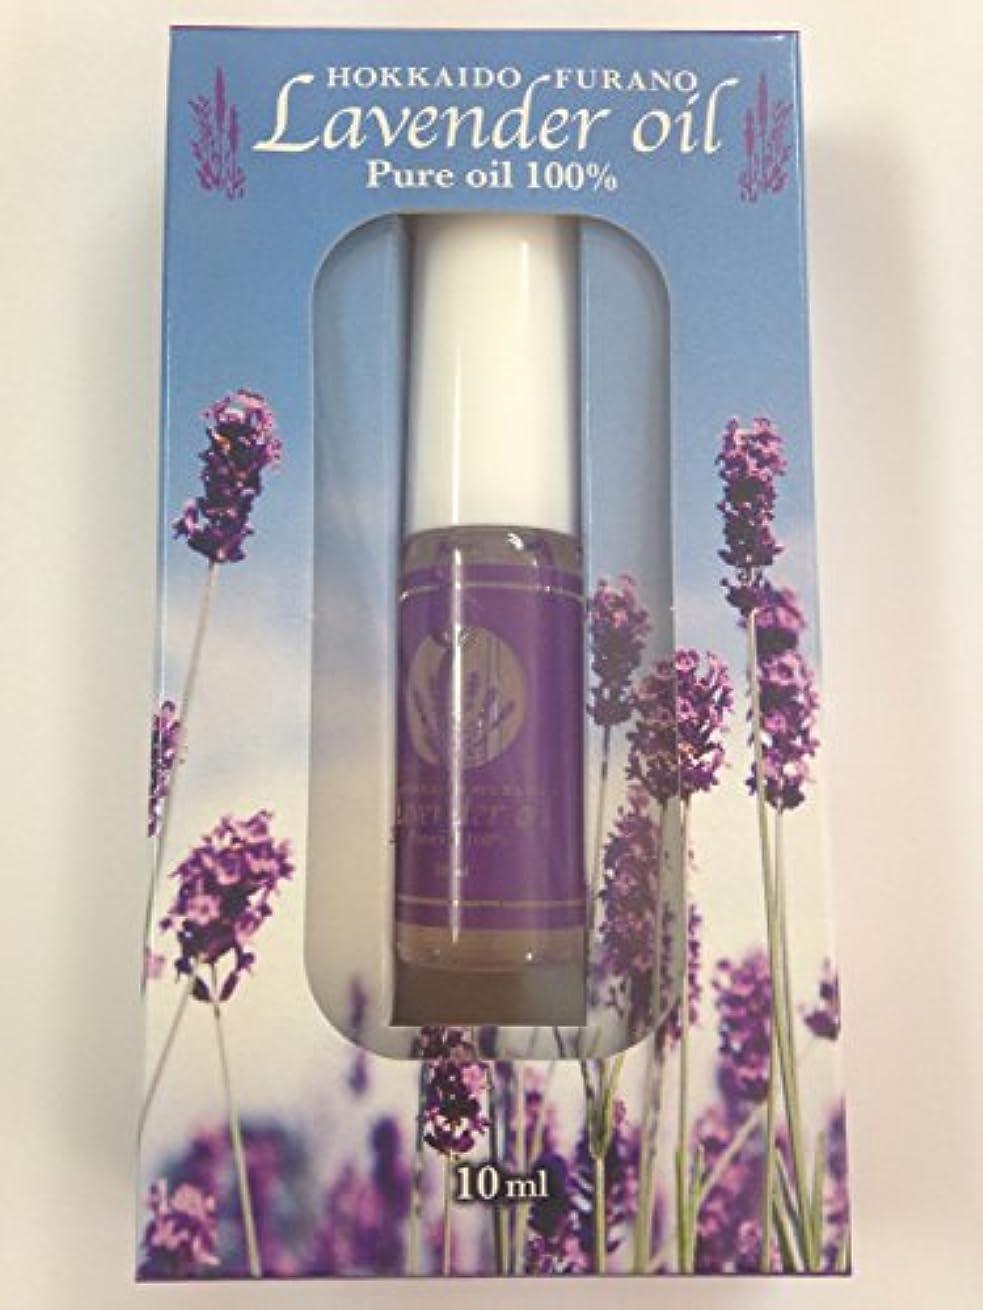 にじみ出る幸運な北海道◆ラベンダー天然精油100%?10ml<水蒸気蒸留法>Lavender oil